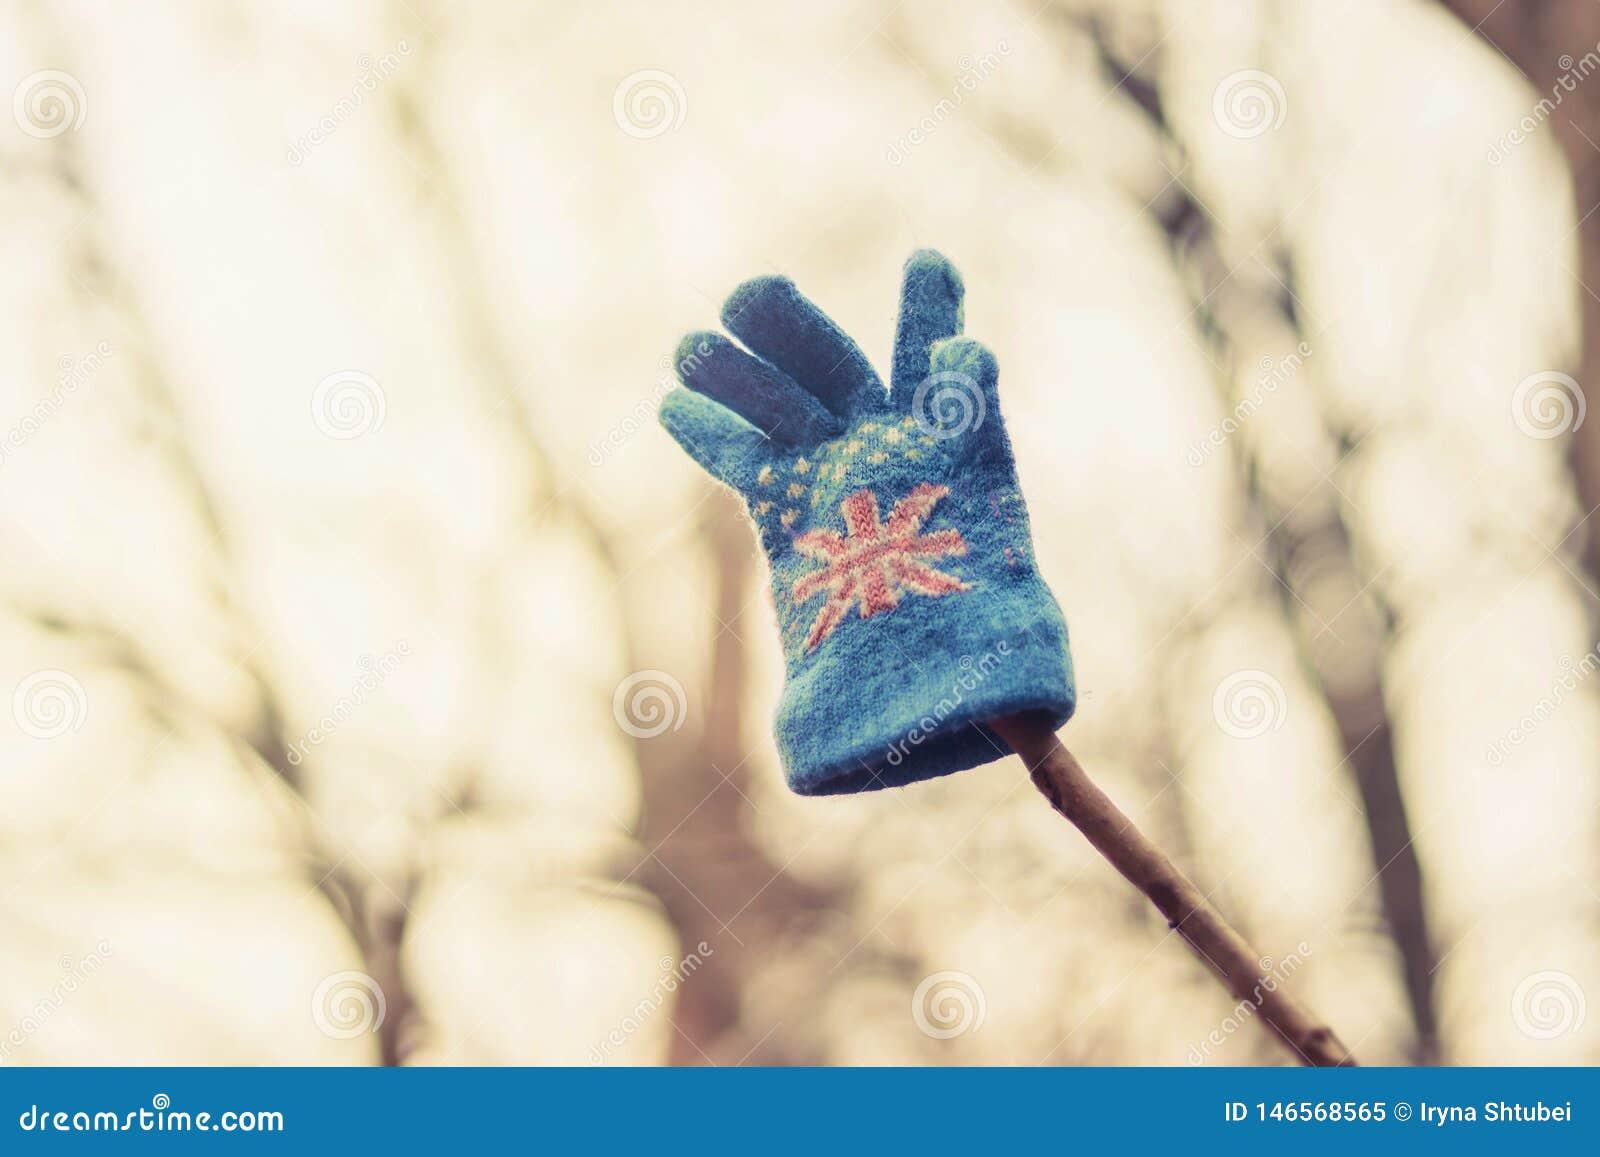 Der Handschuh des Kindes, der an einem Baum hängt